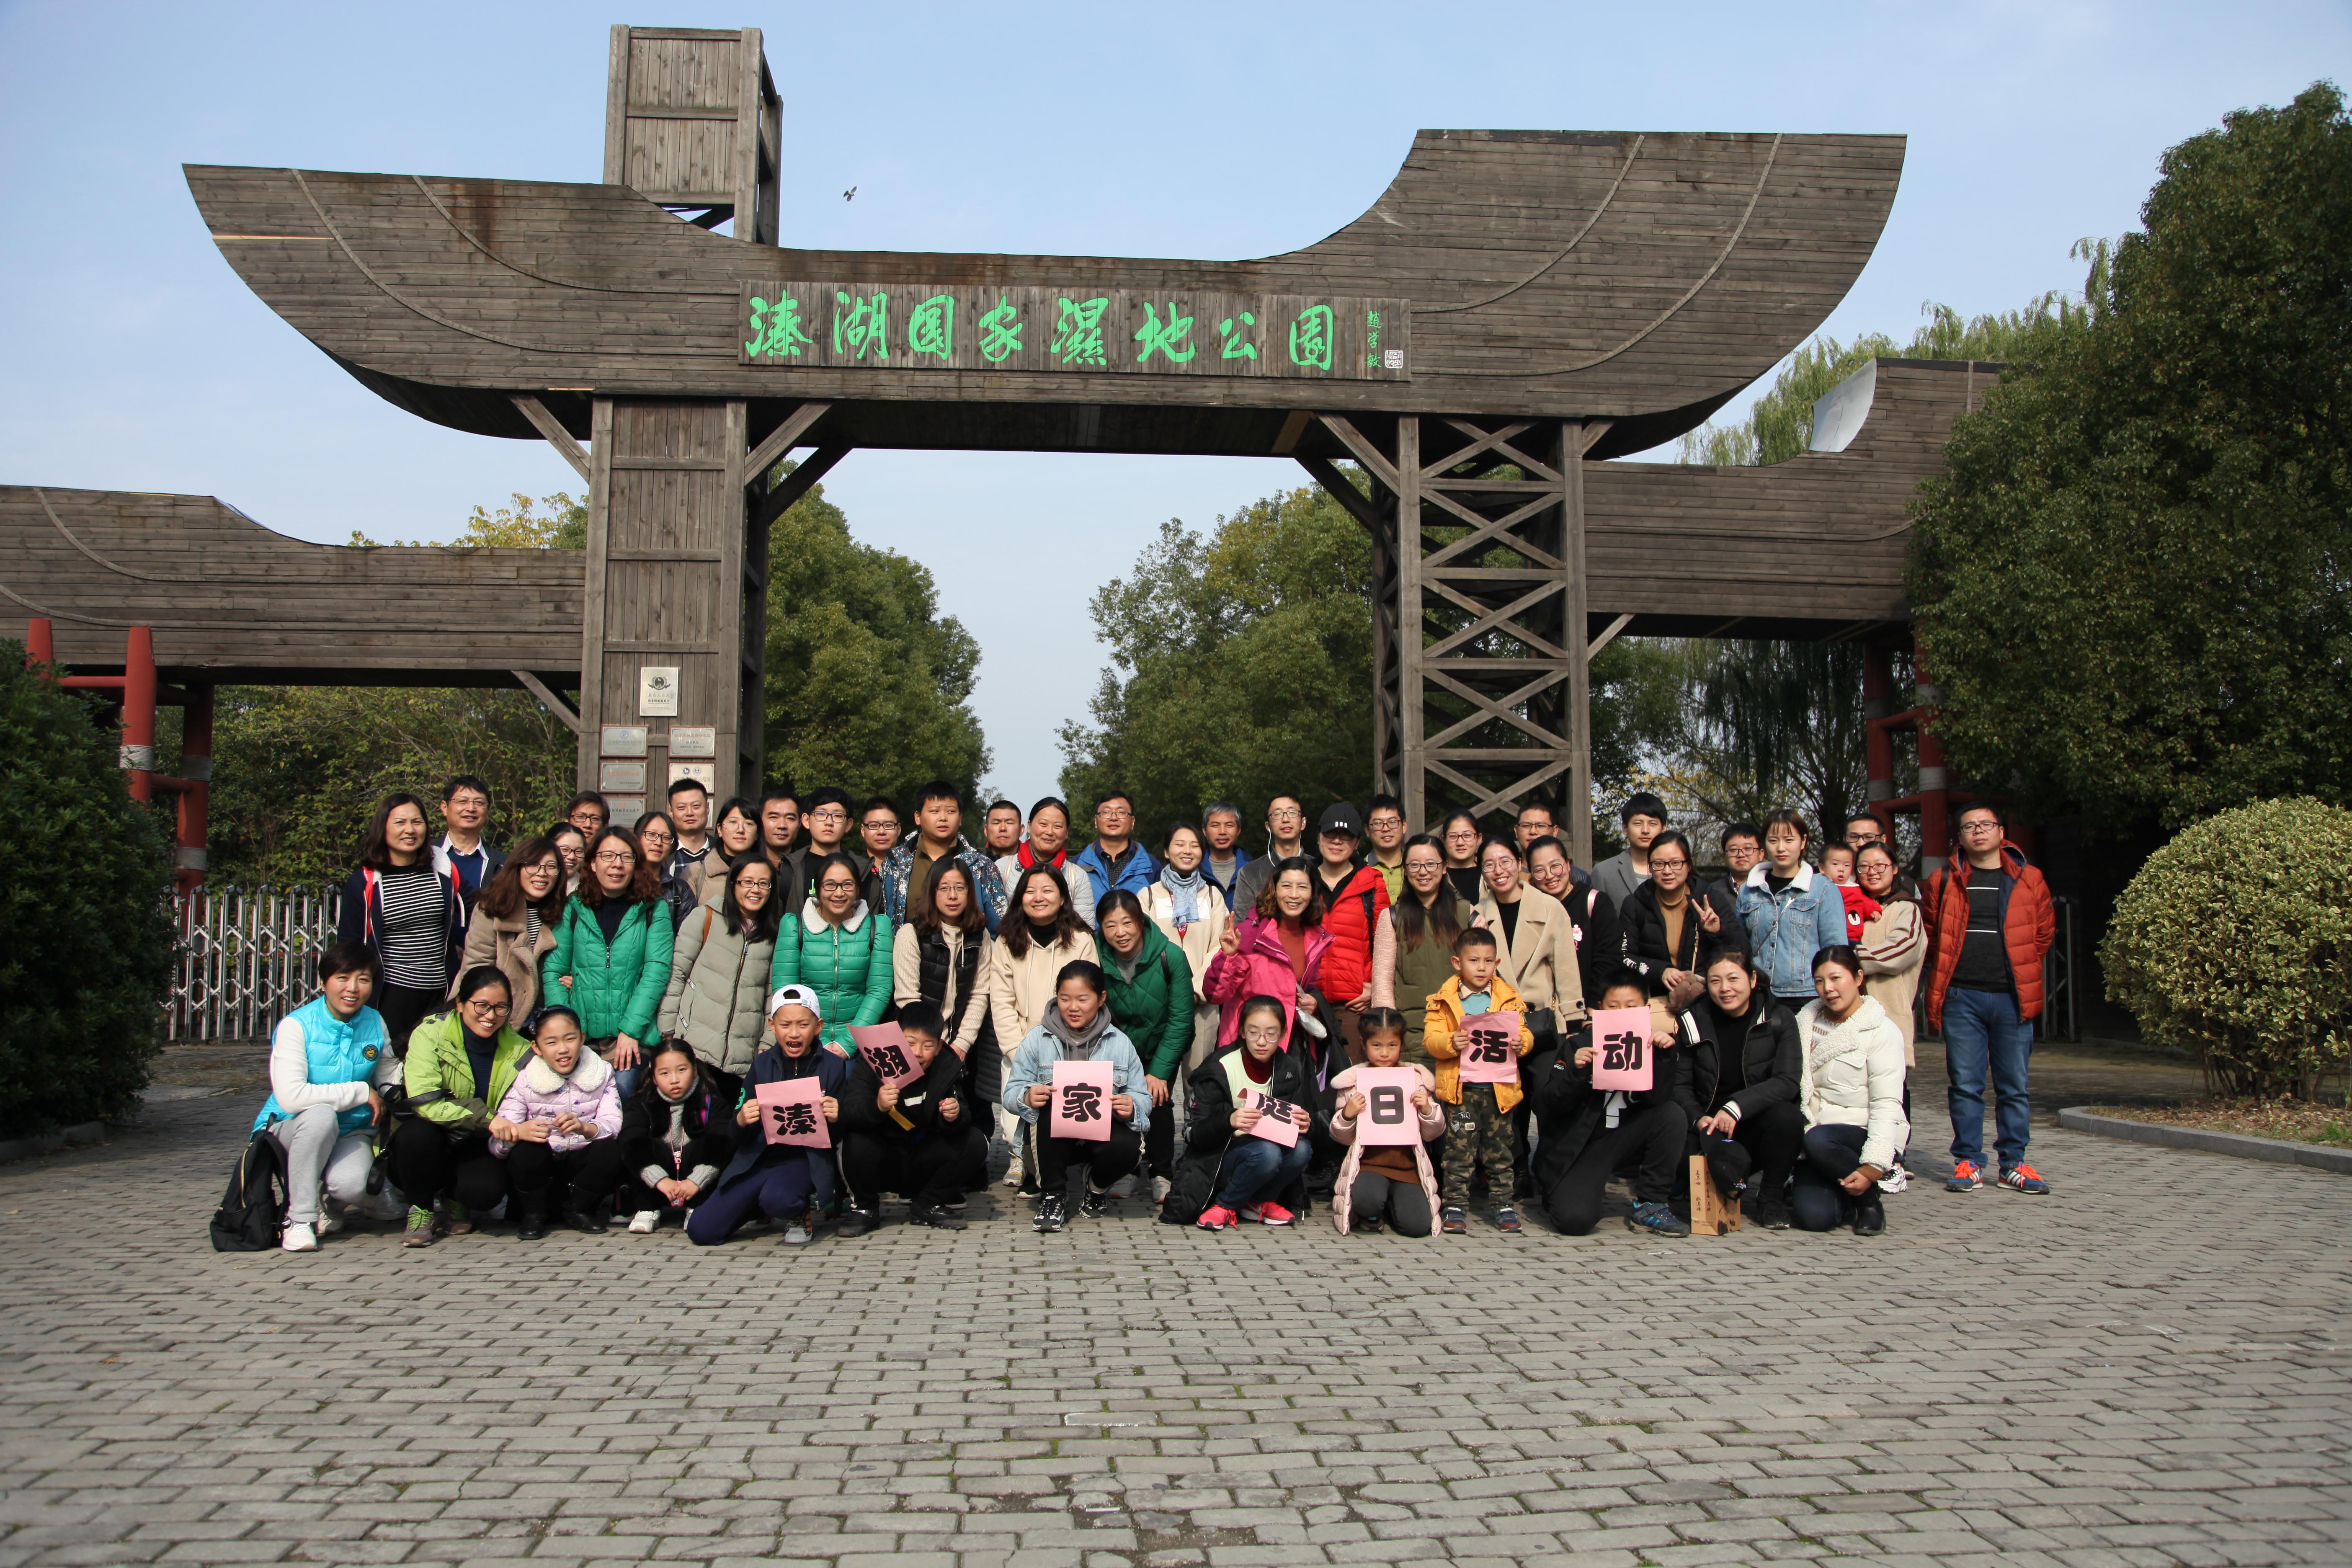 溱湖湿地公园一日游—扬州丰源家庭日